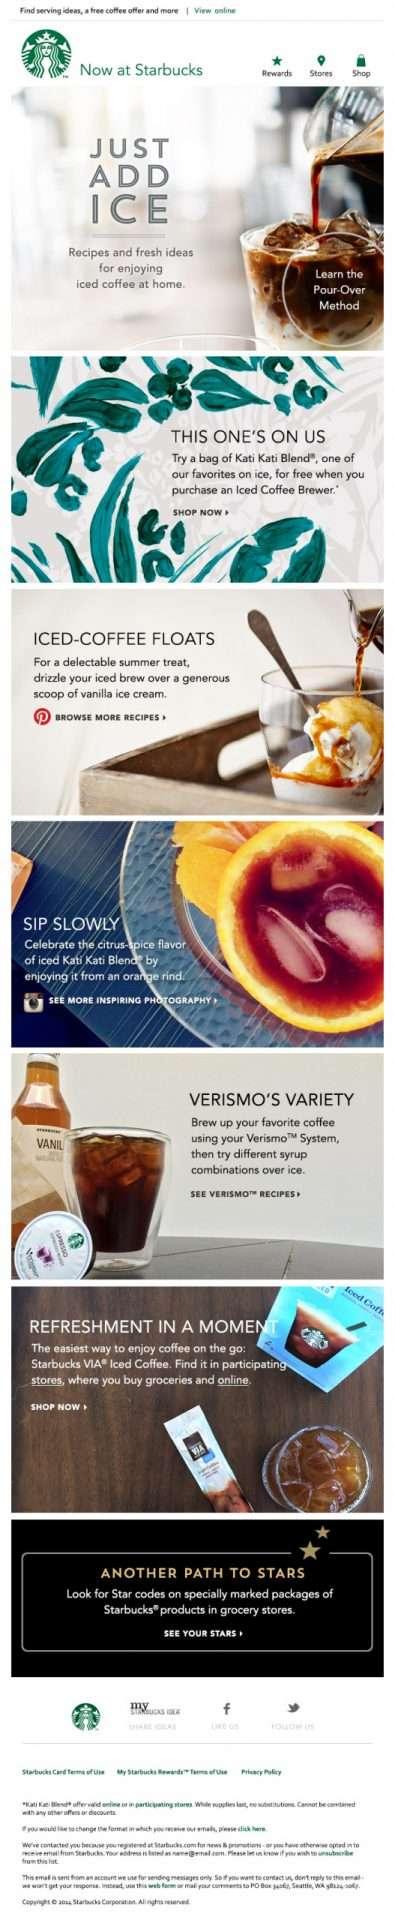 Starbucks Email Newsletter